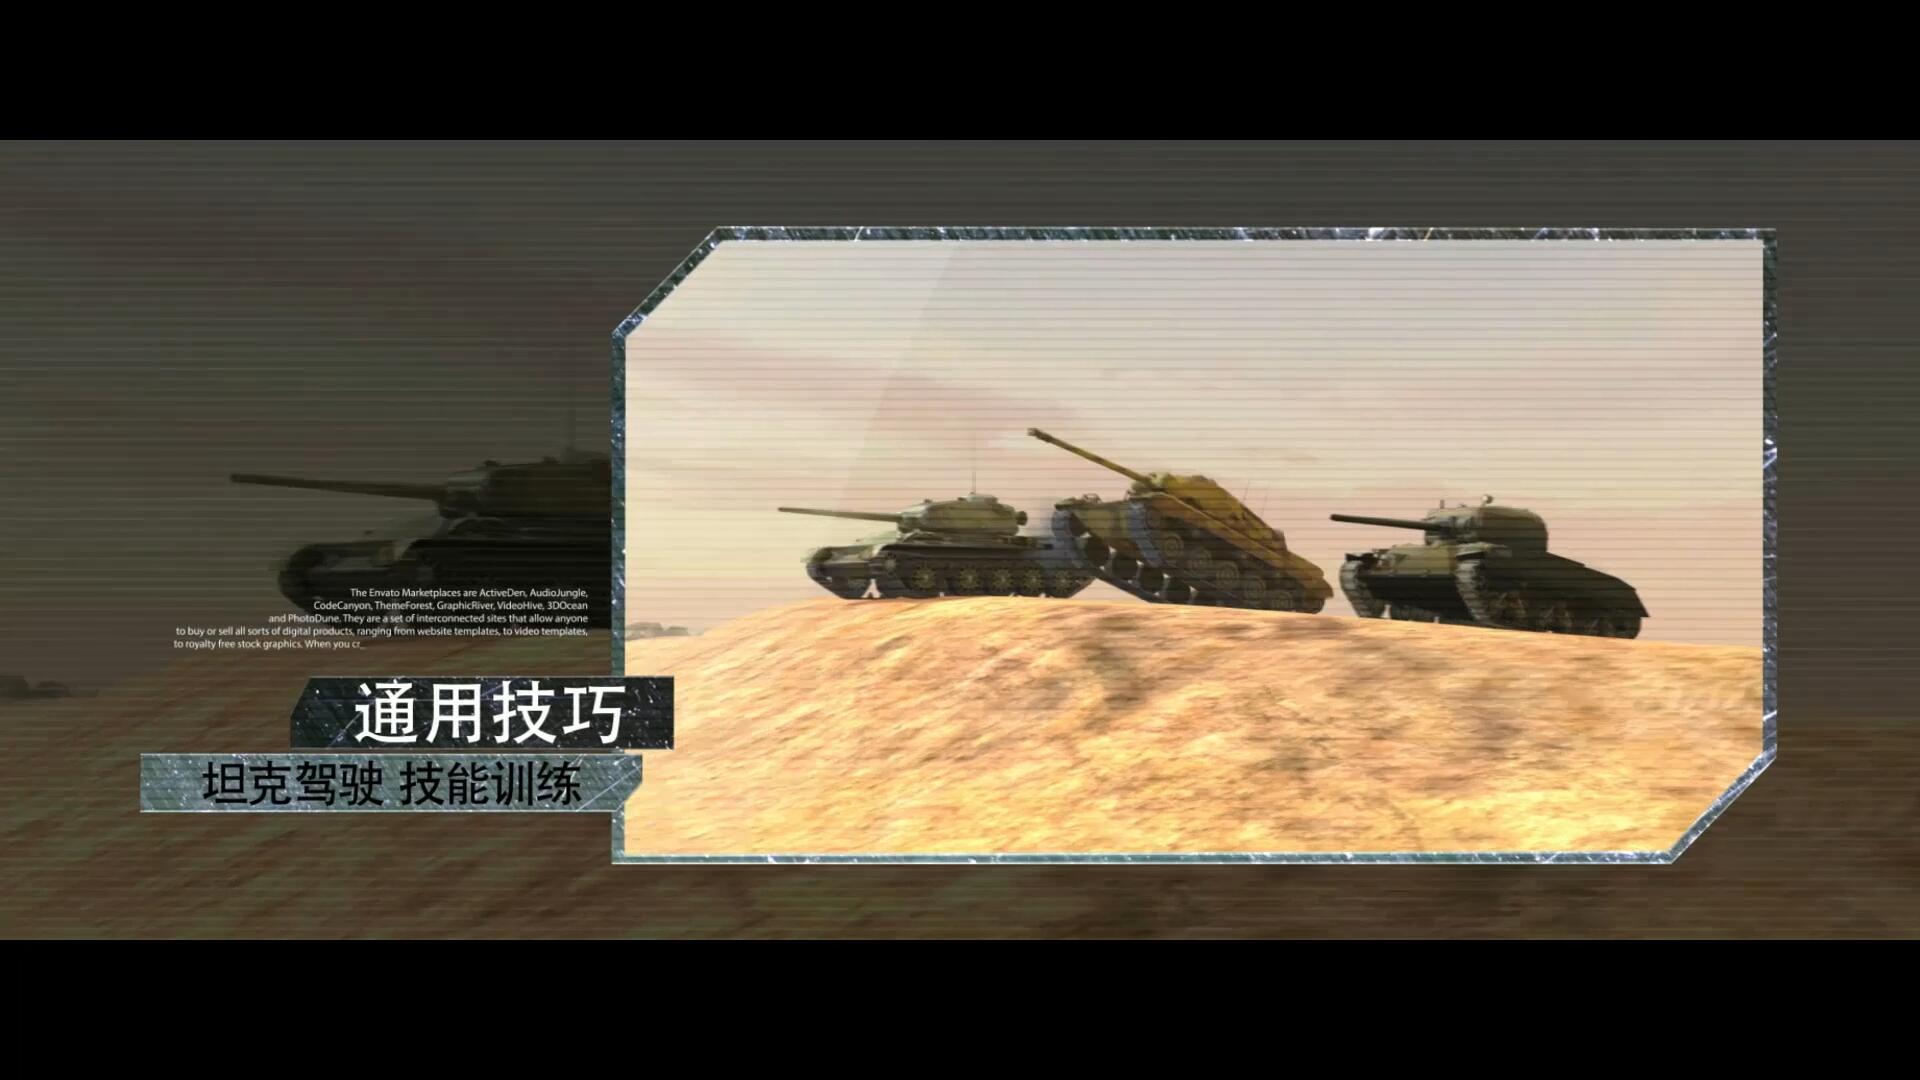 坦克新司机被吊打?视频《封神之路》教你若何击中坦克缺点!